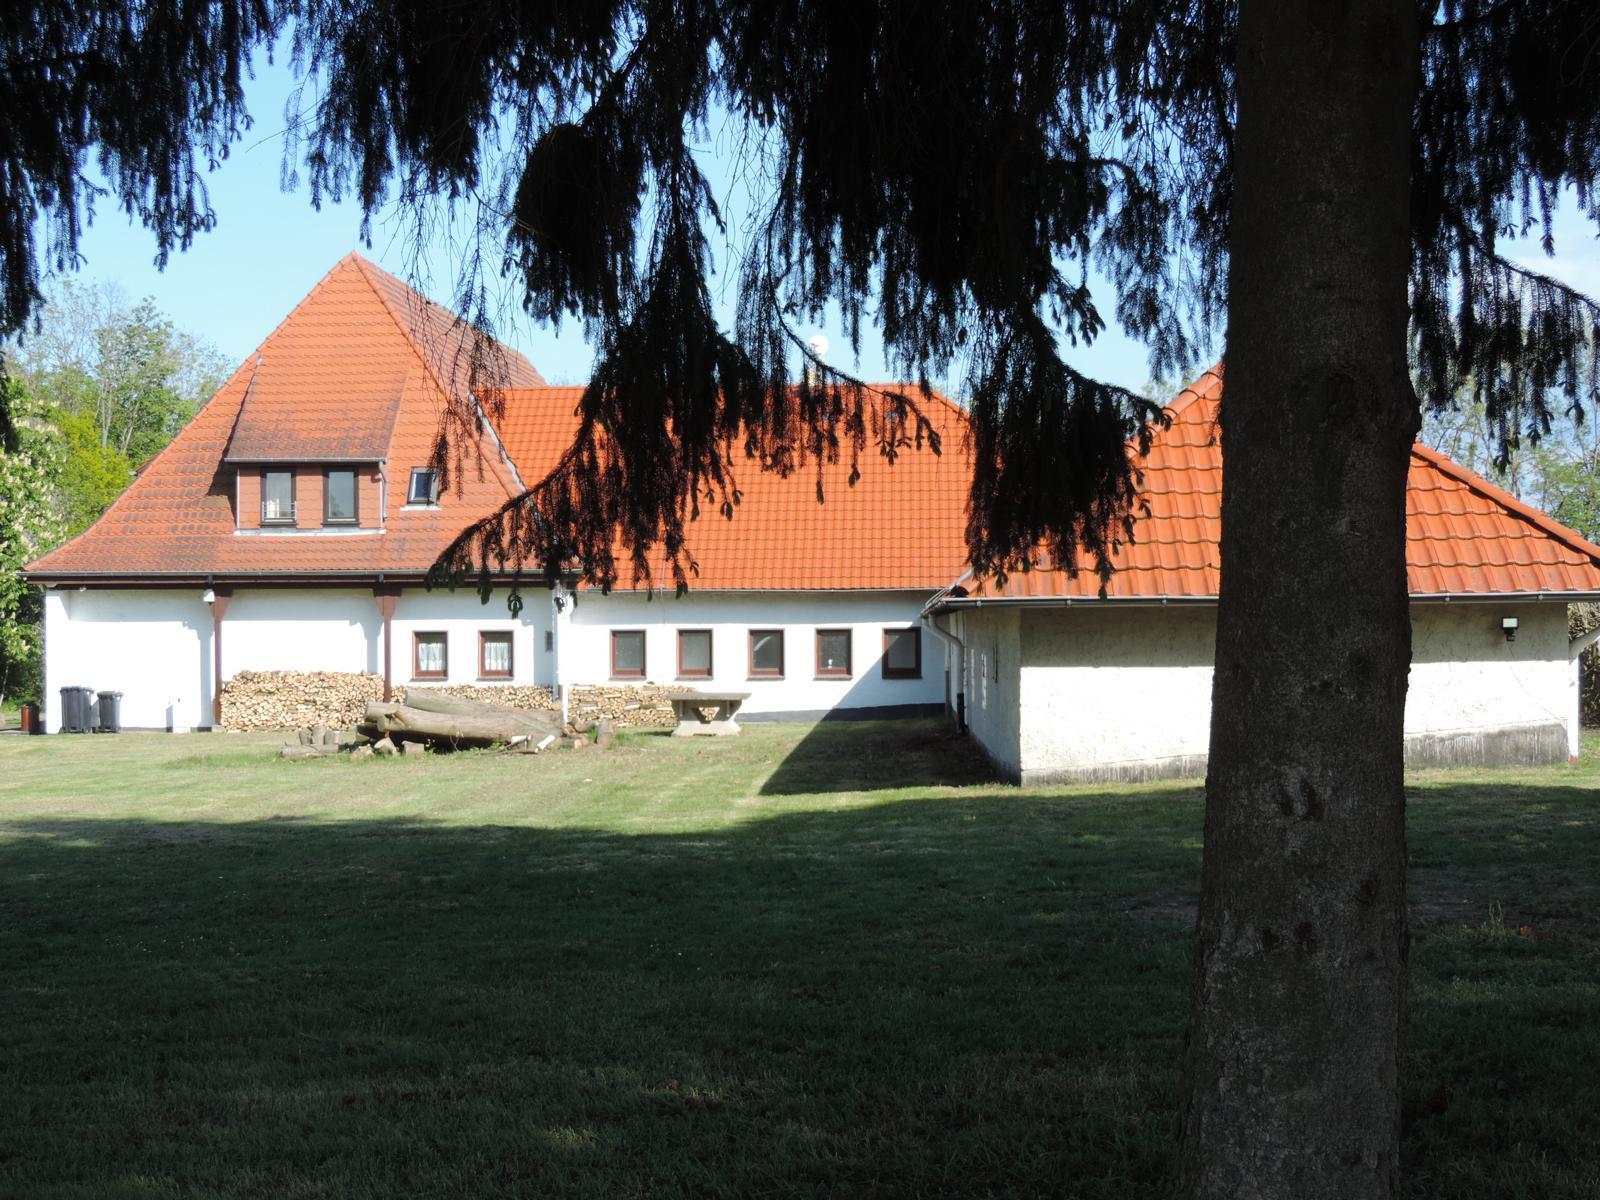 Haus Ringgau Sicht durch die Bäume am eigenen Parkplatz